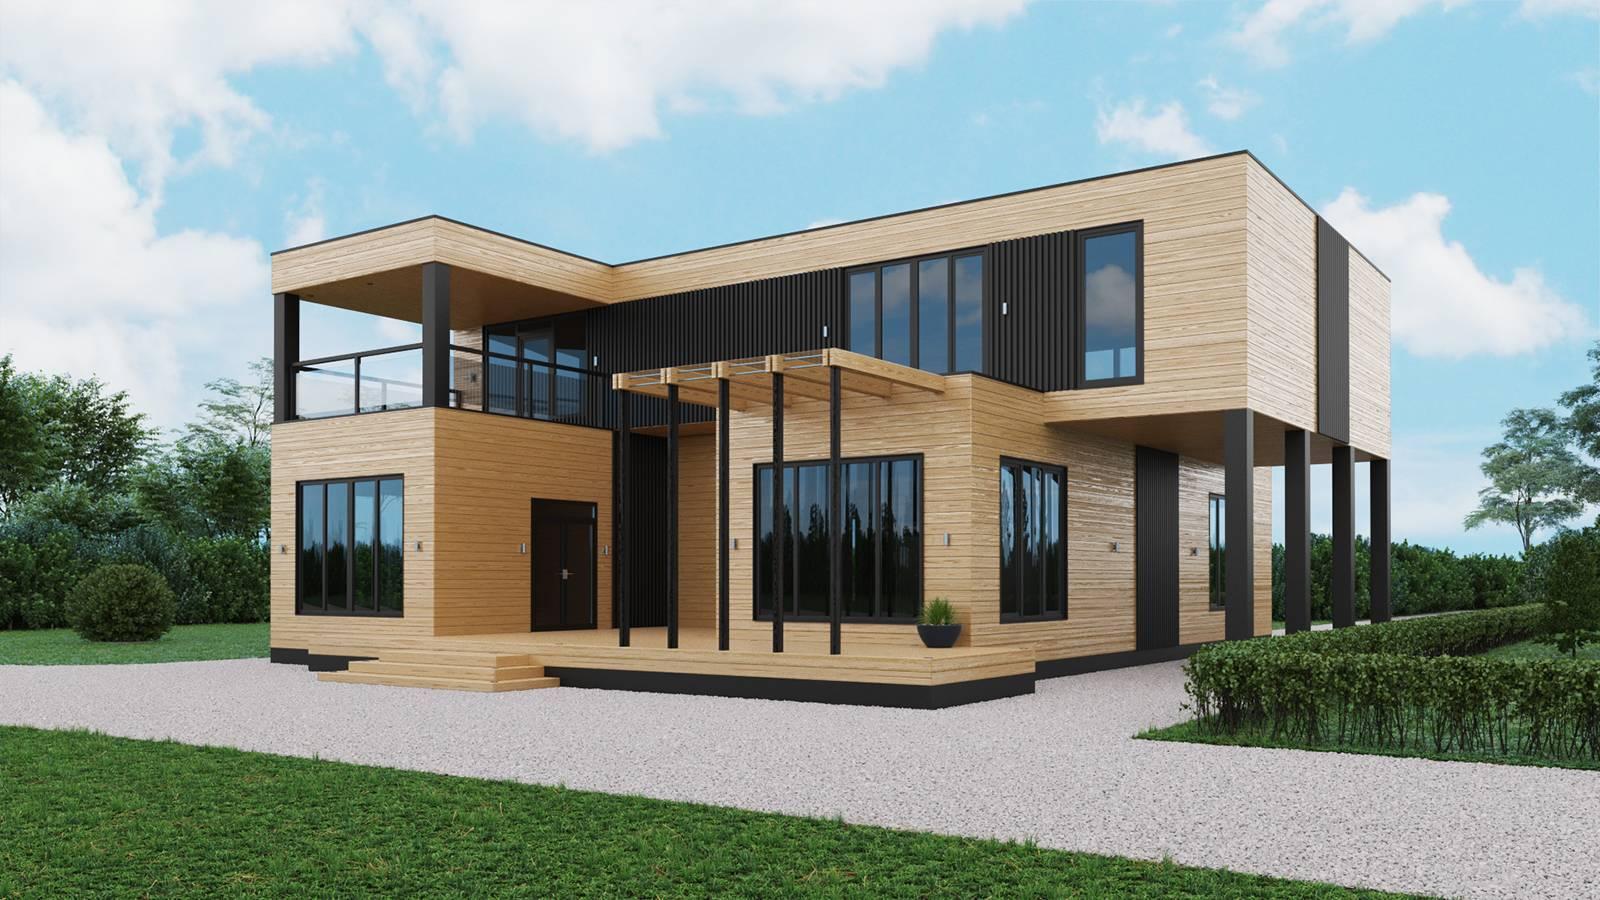 Хай-тек: проекты домов и способы отделки фасада с пошаговыми инструкциями